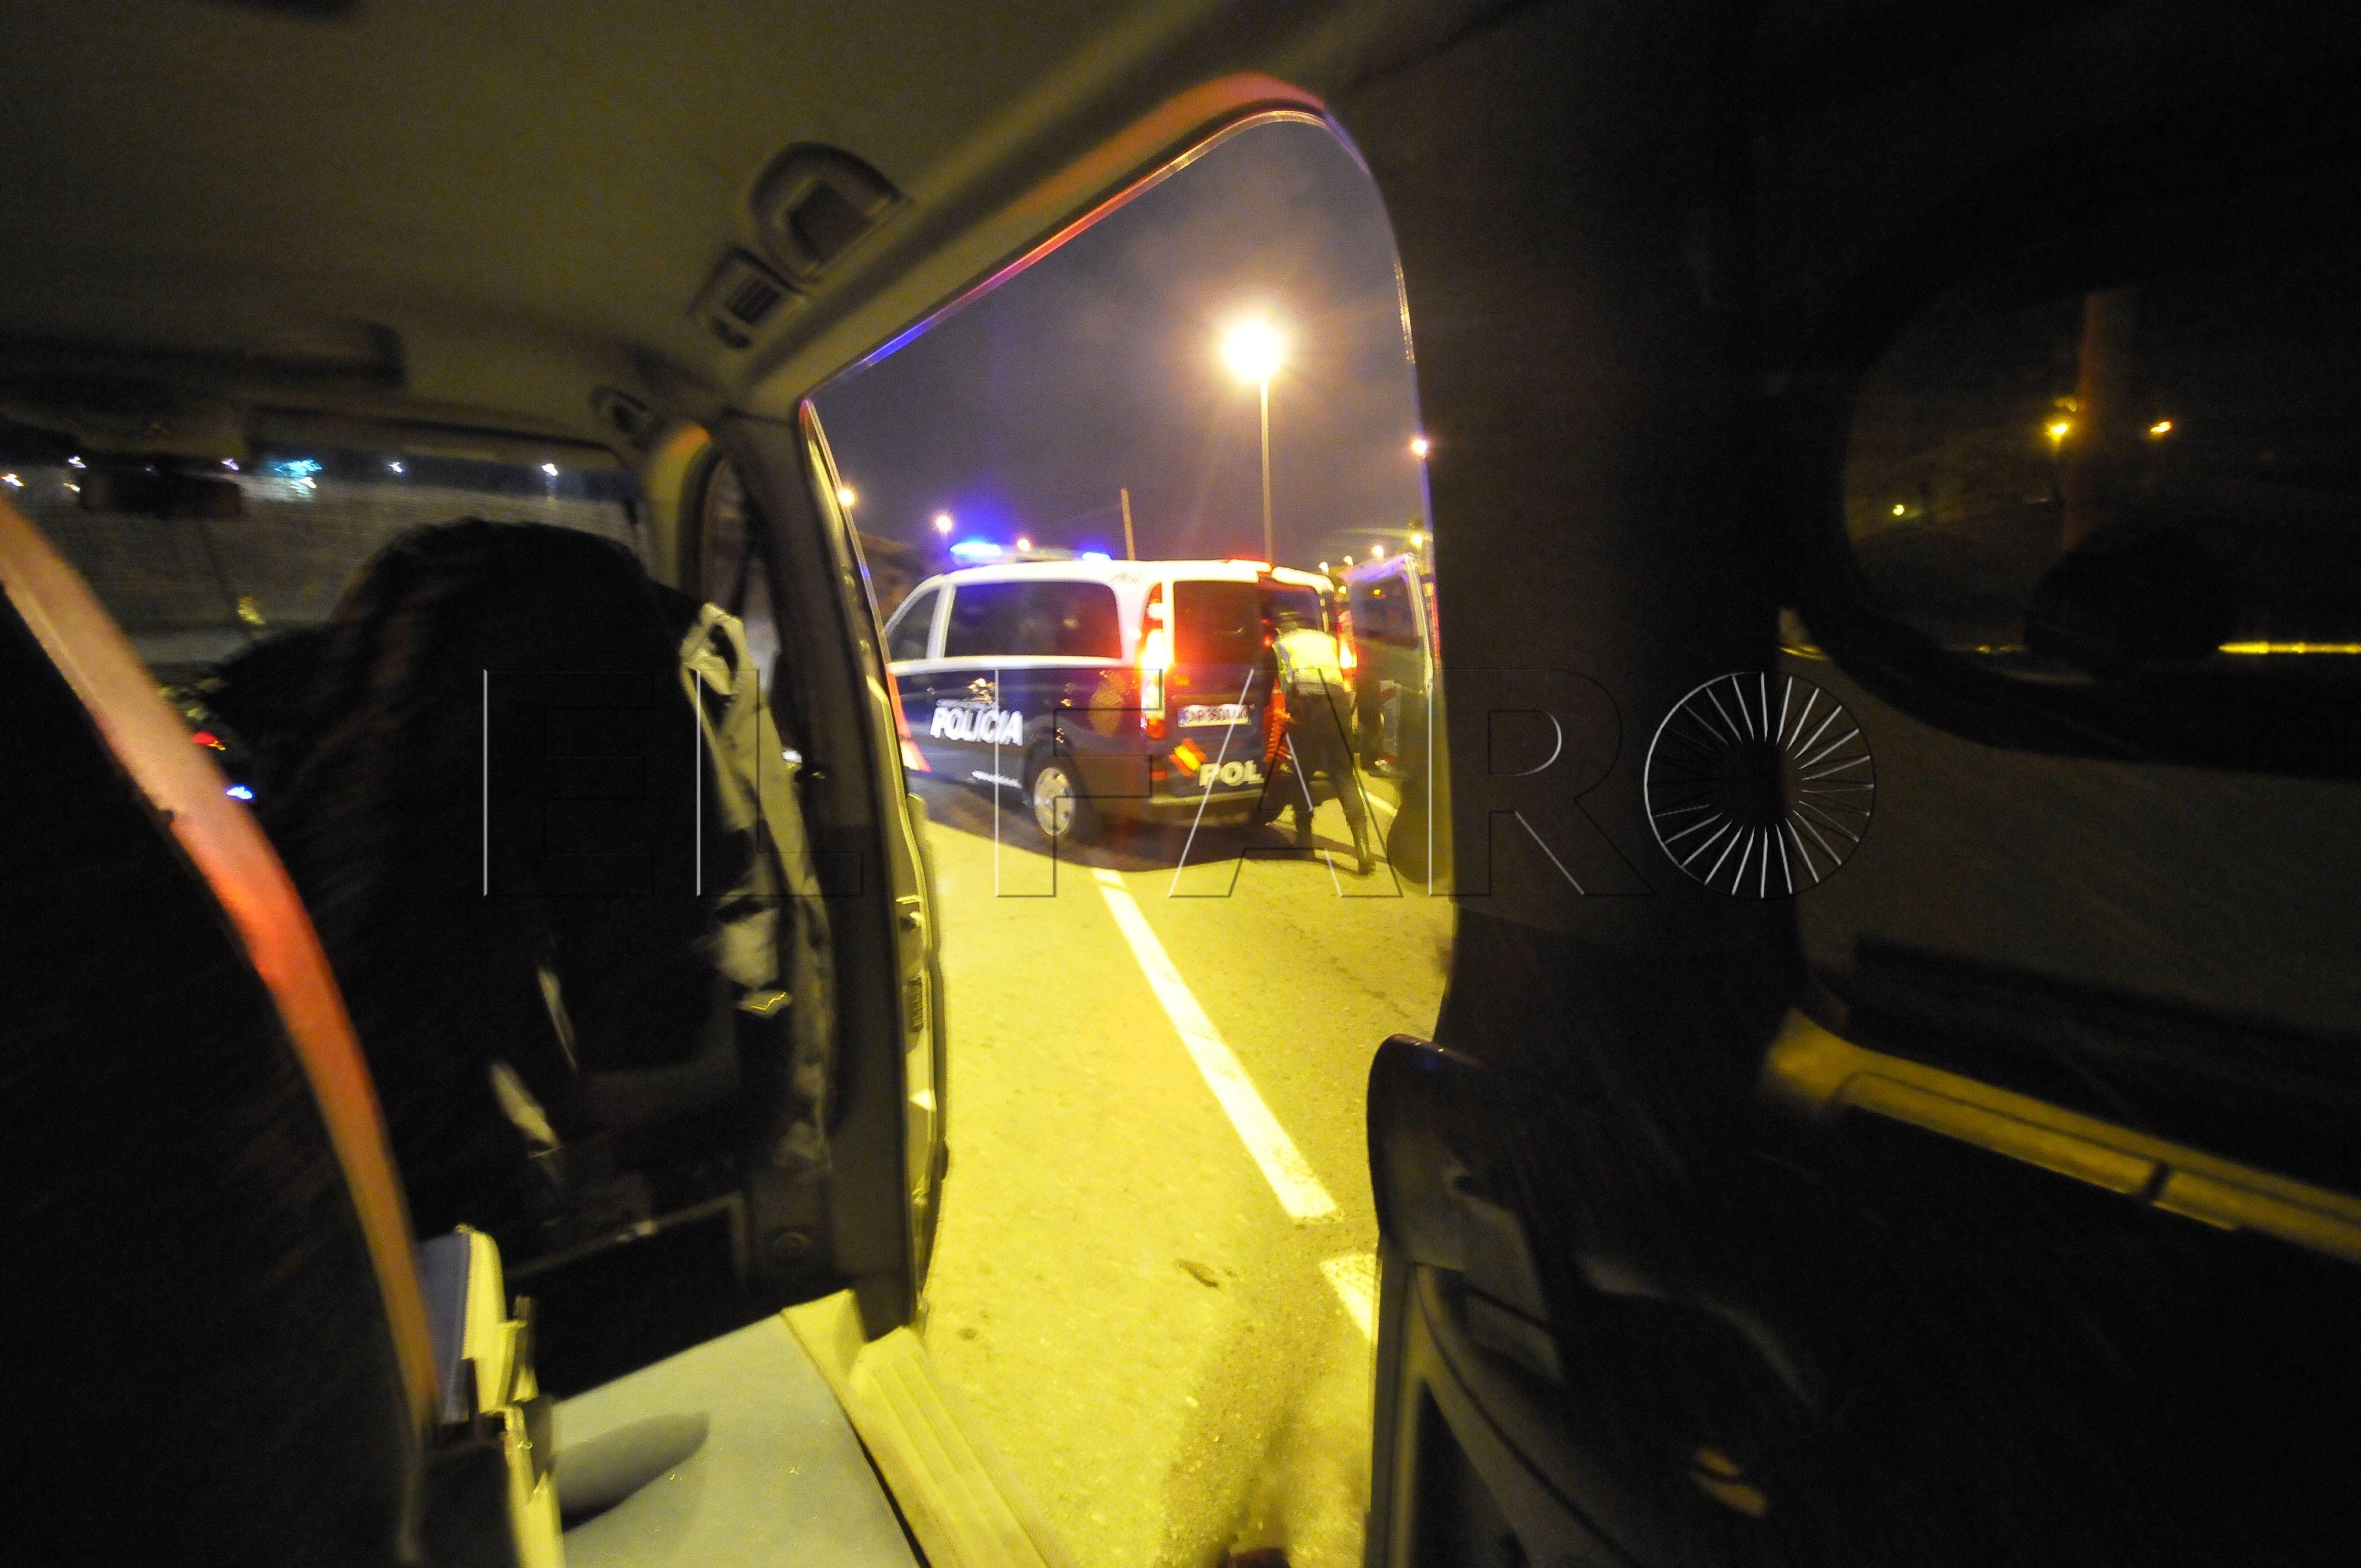 Detenido tras una complicada operación en el Príncipe con disparos y persecución